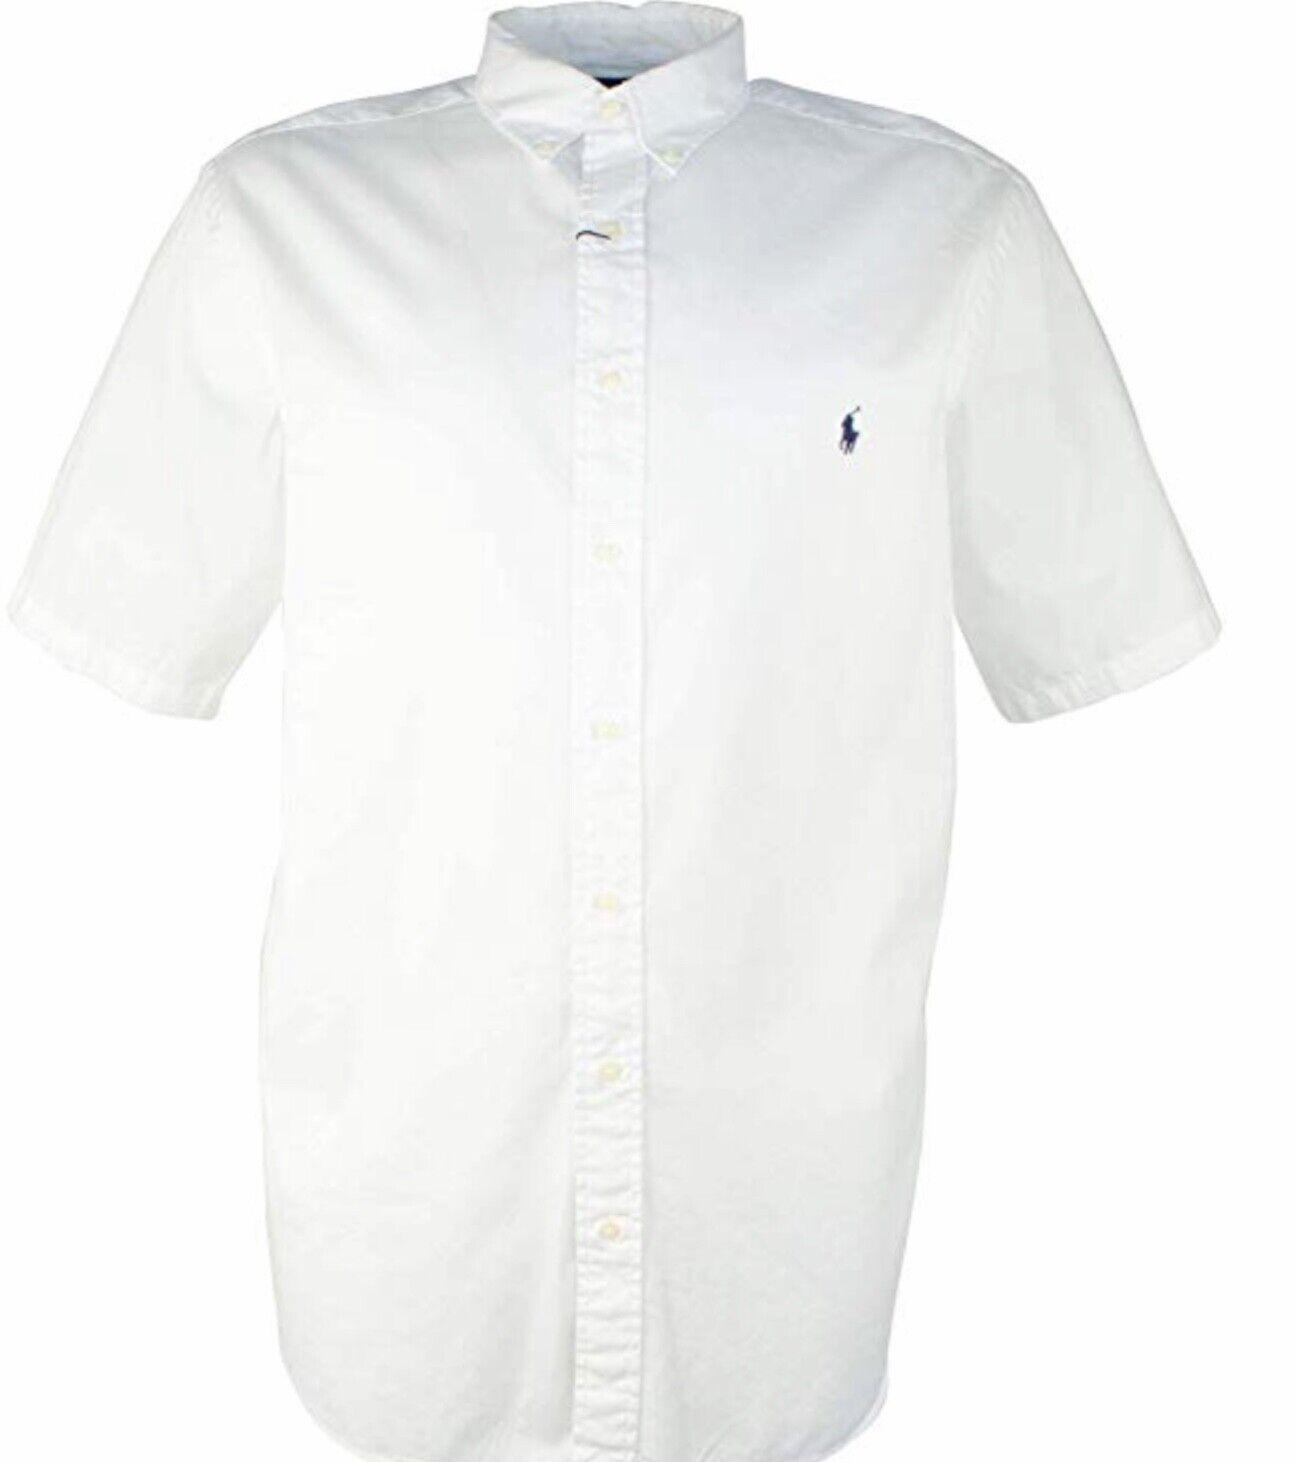 Ralph Lauren Mens short sleeve button up cotton shirt 3XB White NWT